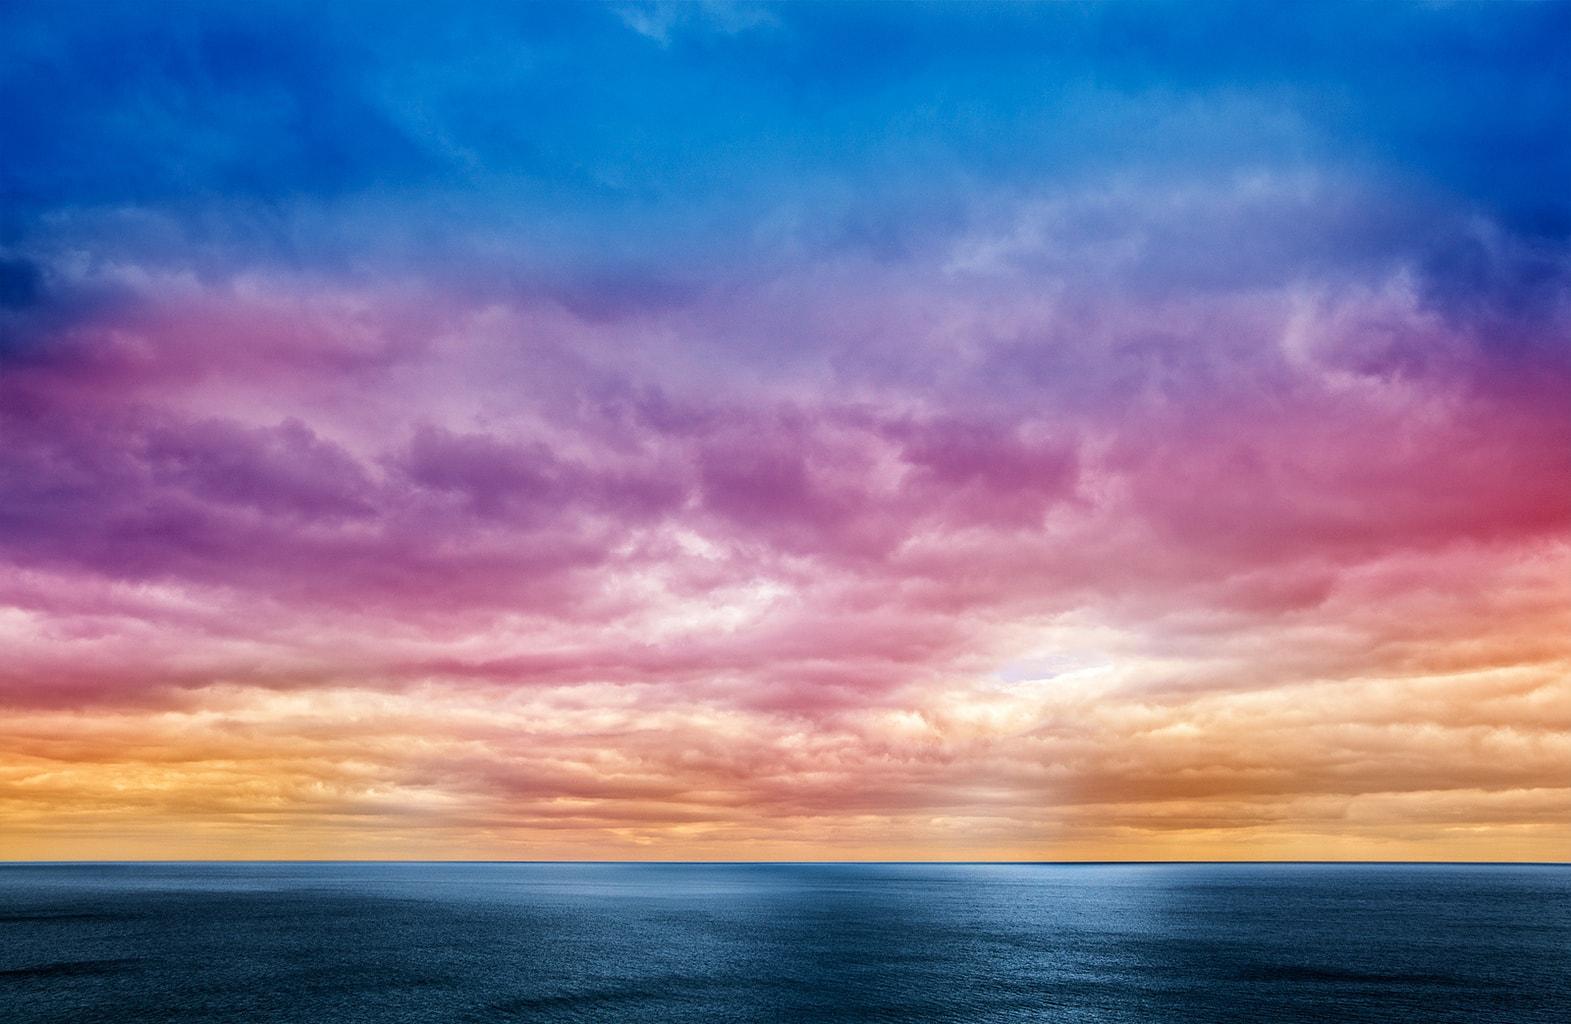 El horizonte bajo le da mayor protagonismo al cielo.